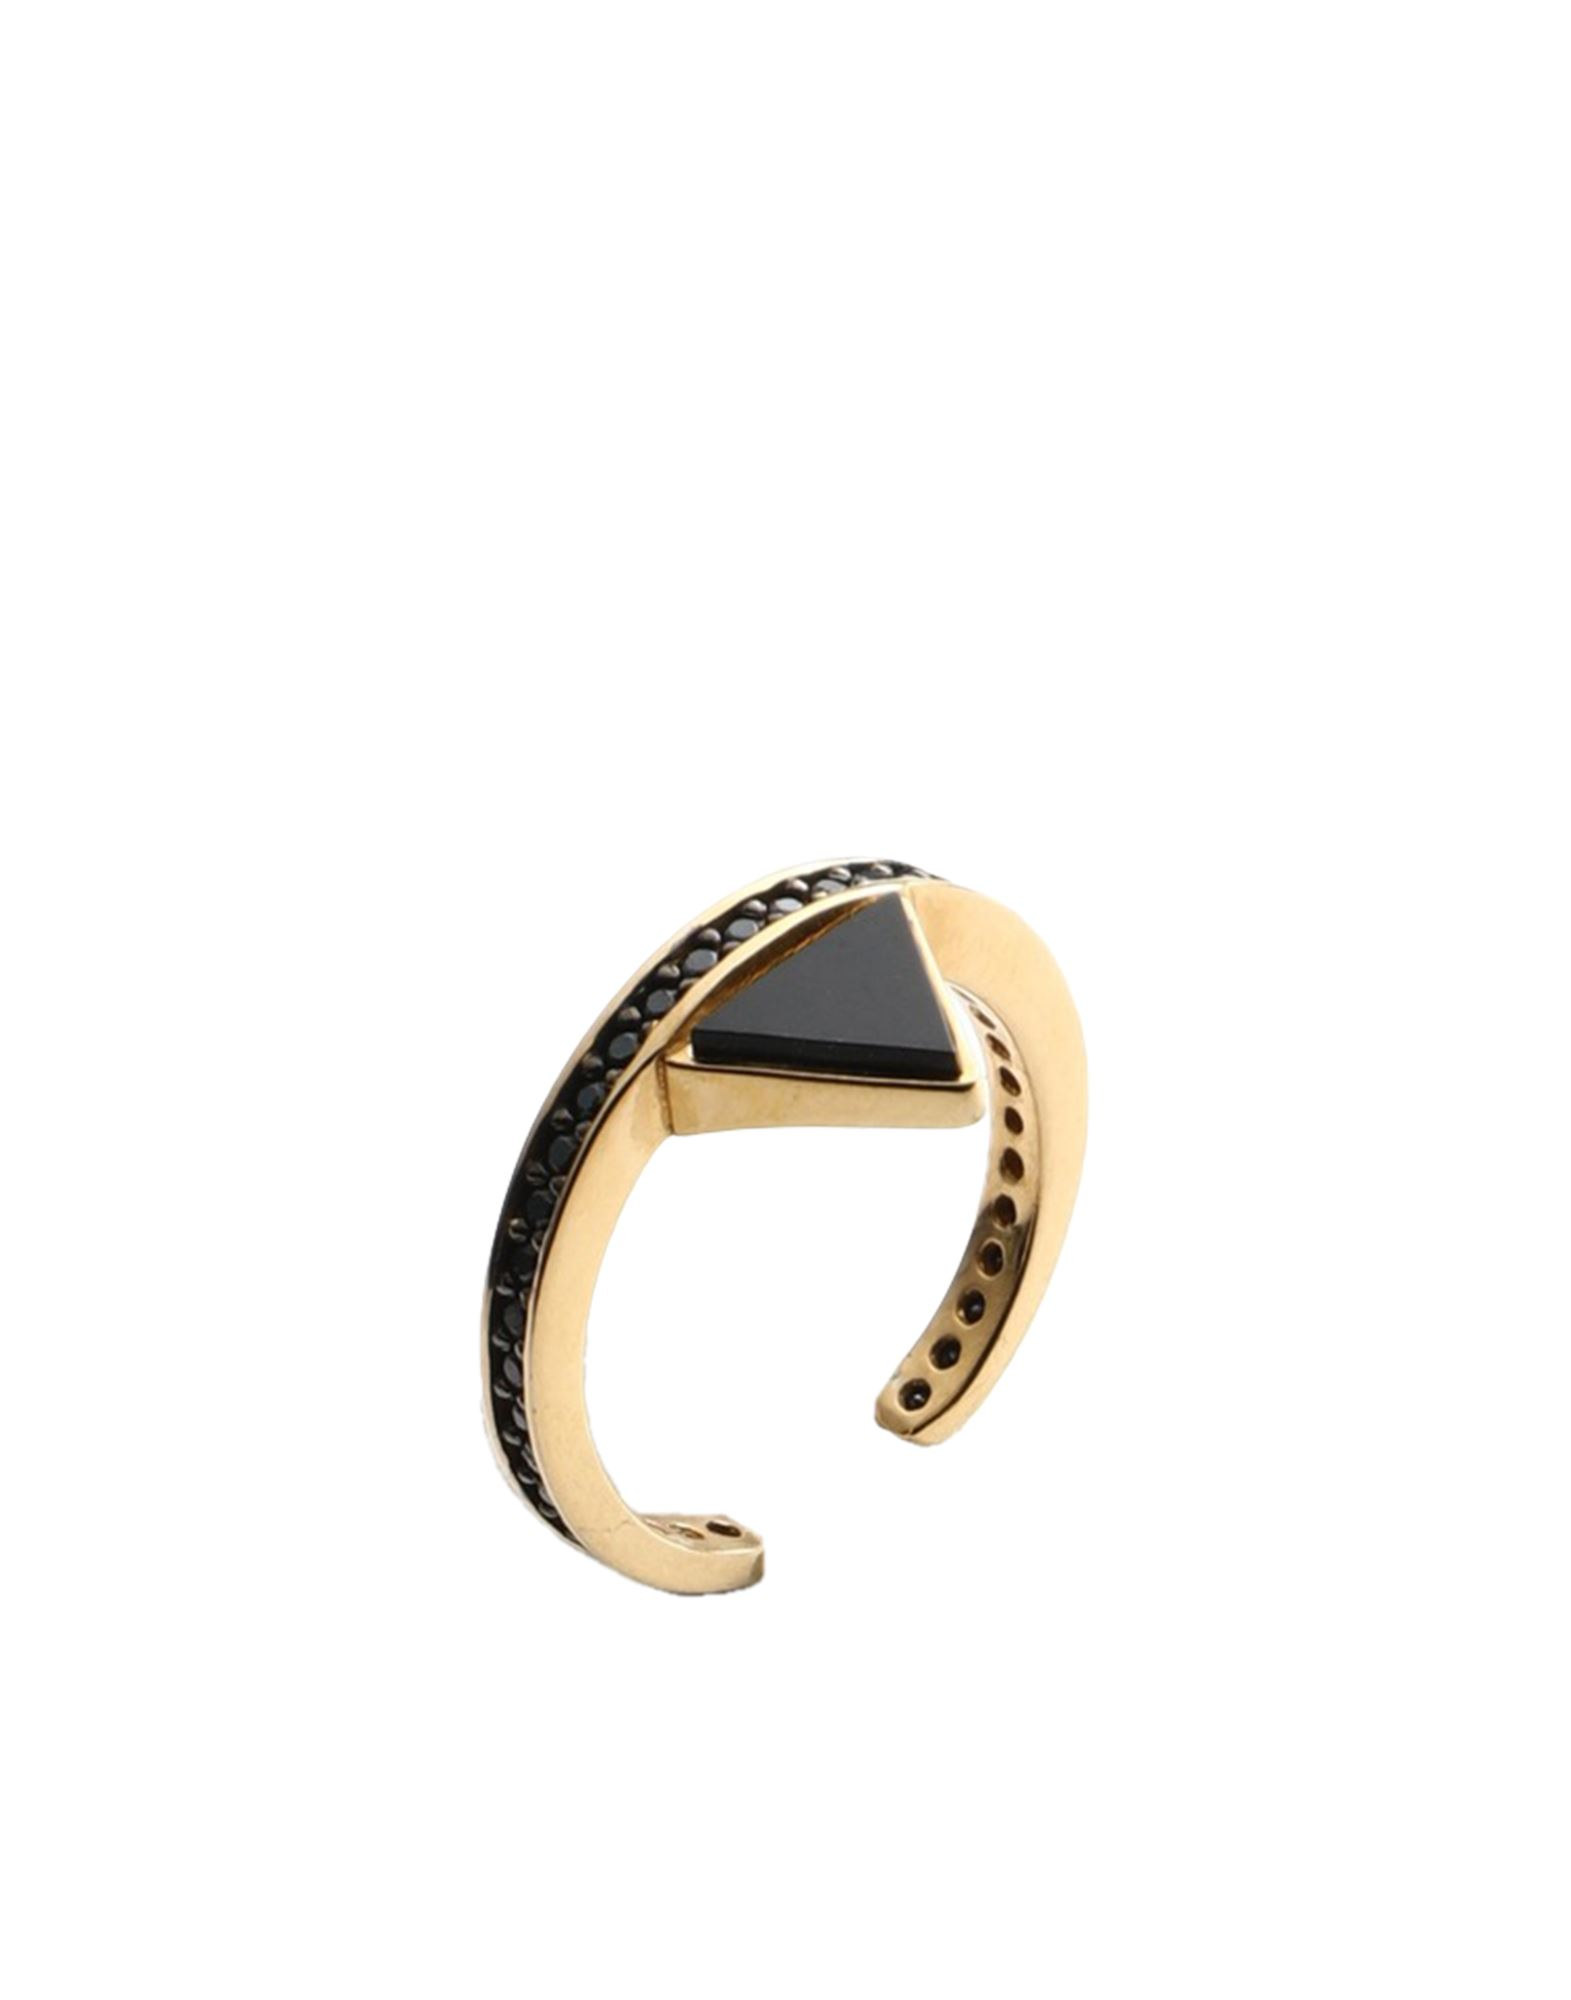 《セール開催中》FIRST PEOPLE FIRST レディース 指輪 ブラック one size シルバー925/1000 / ジルコン HE1524R/G/BZ